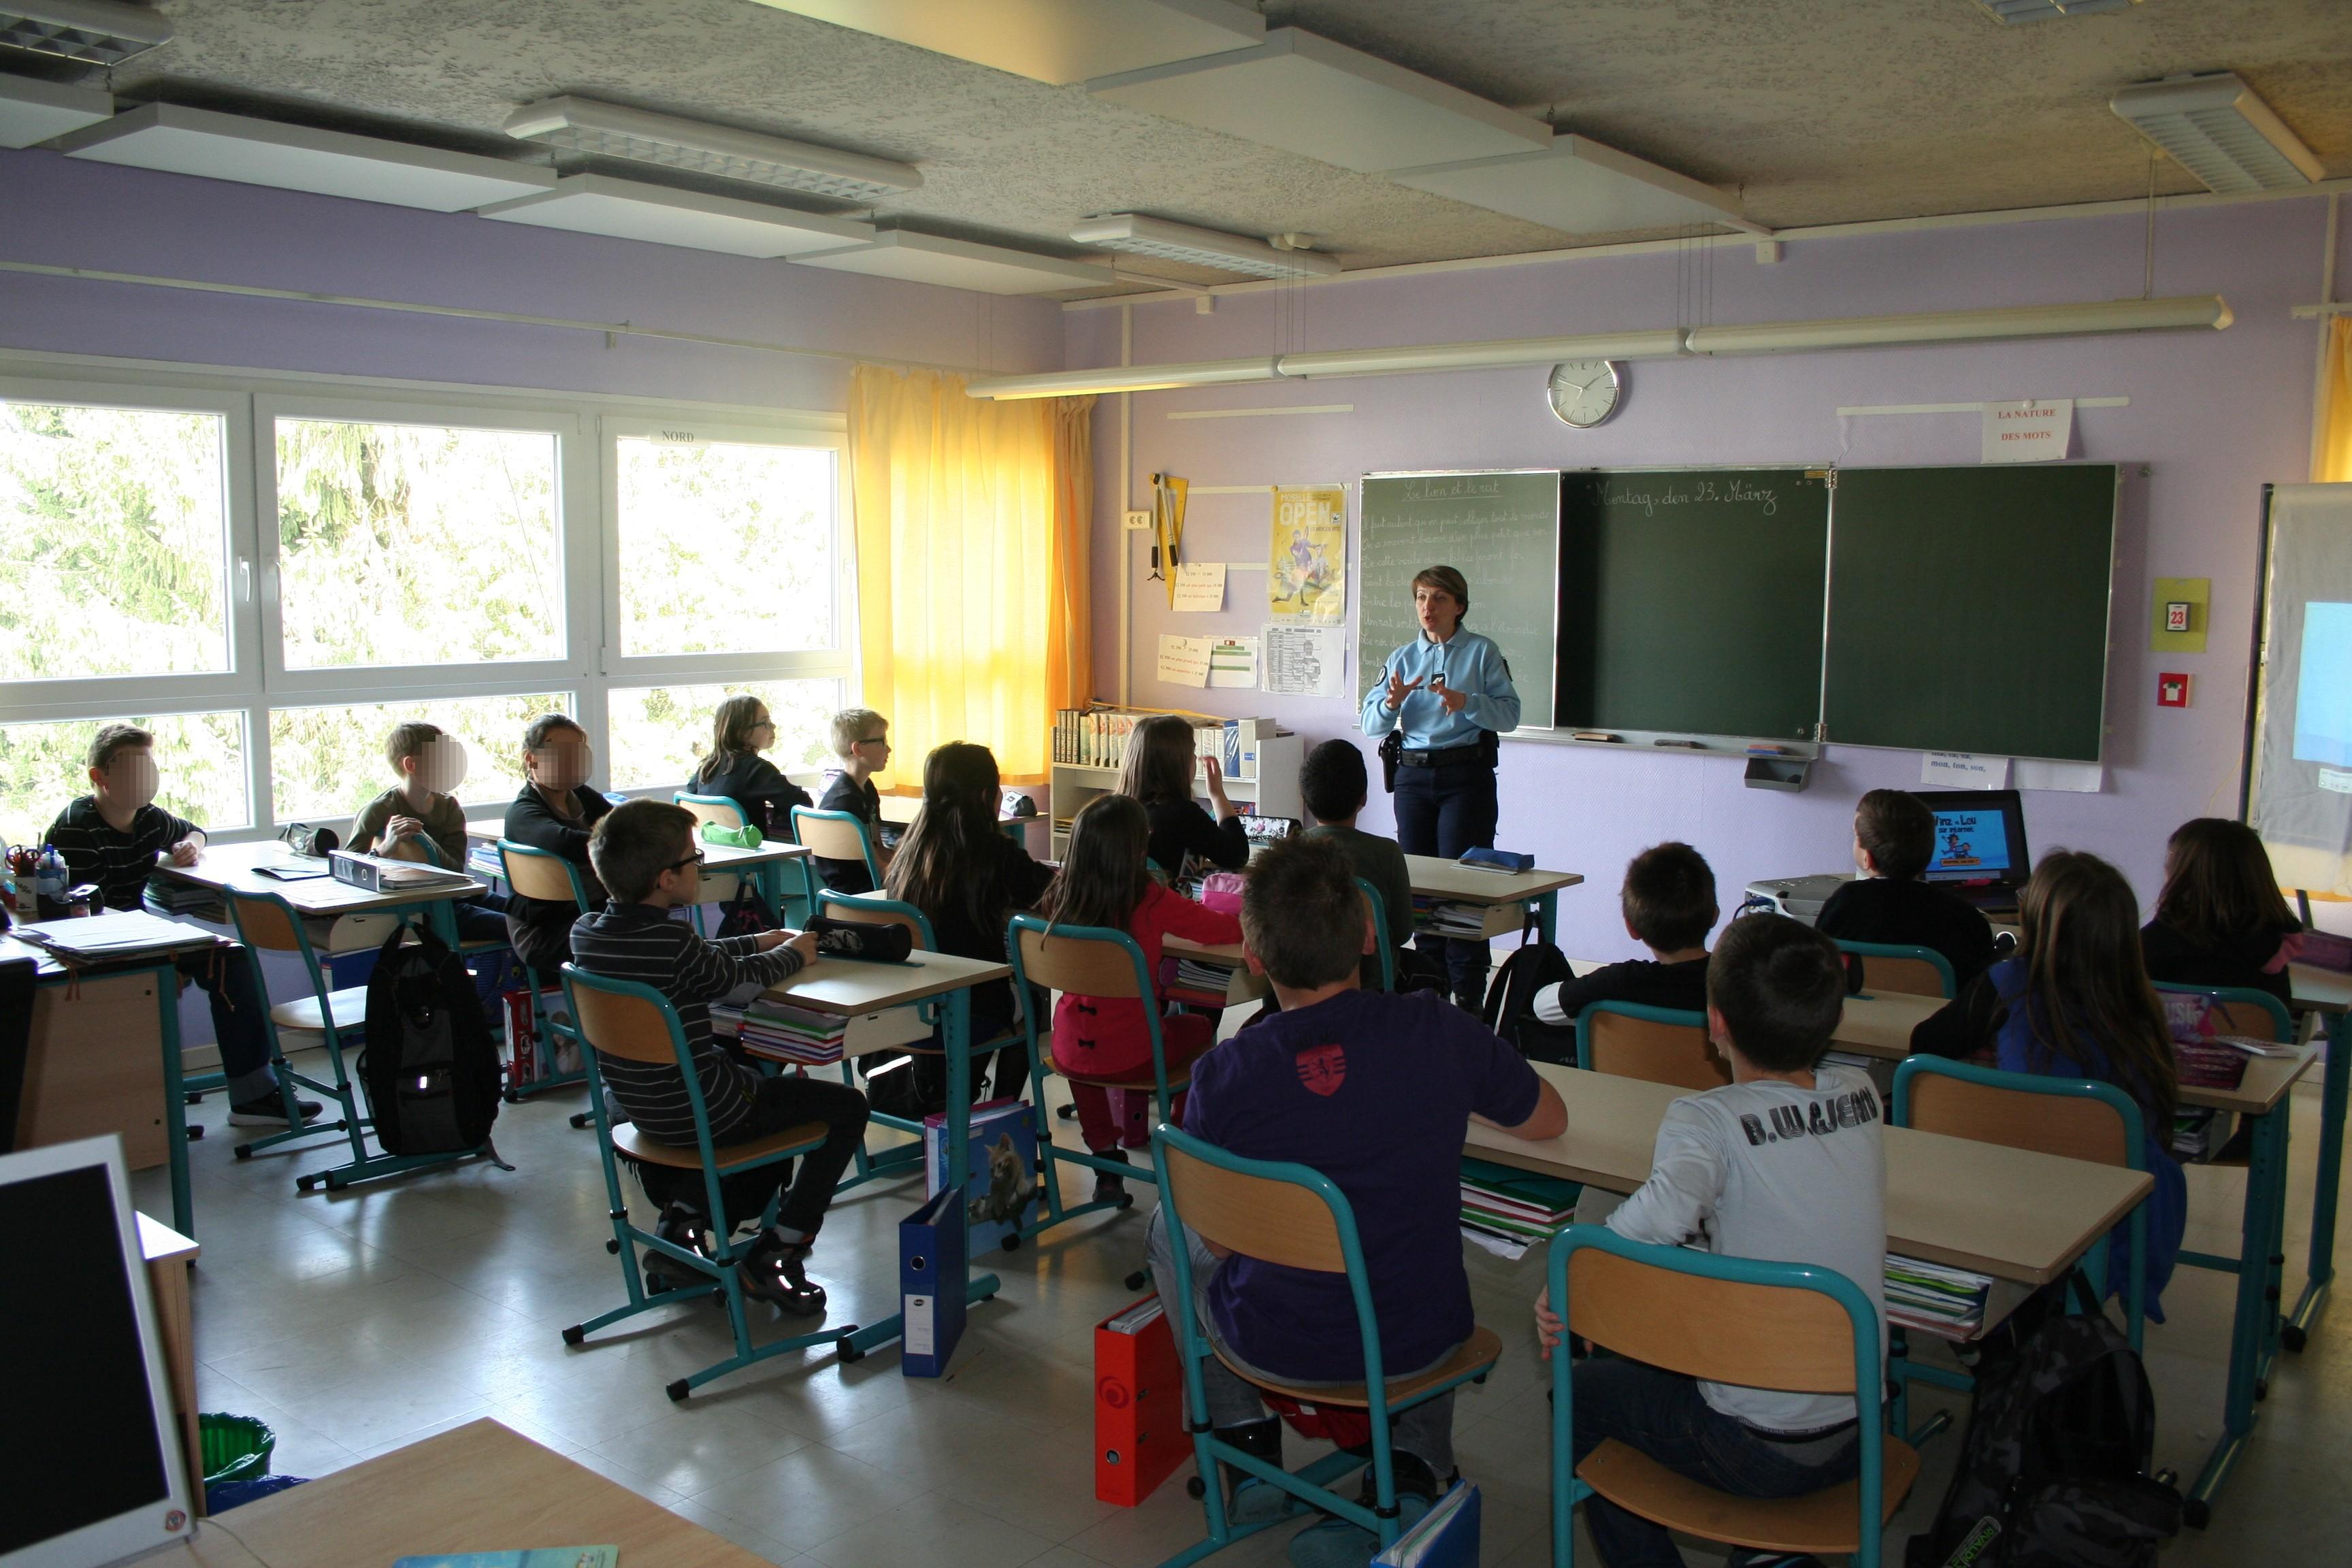 Intervention de la Brigade de Délinquance Juvénile dans les écoles primaires